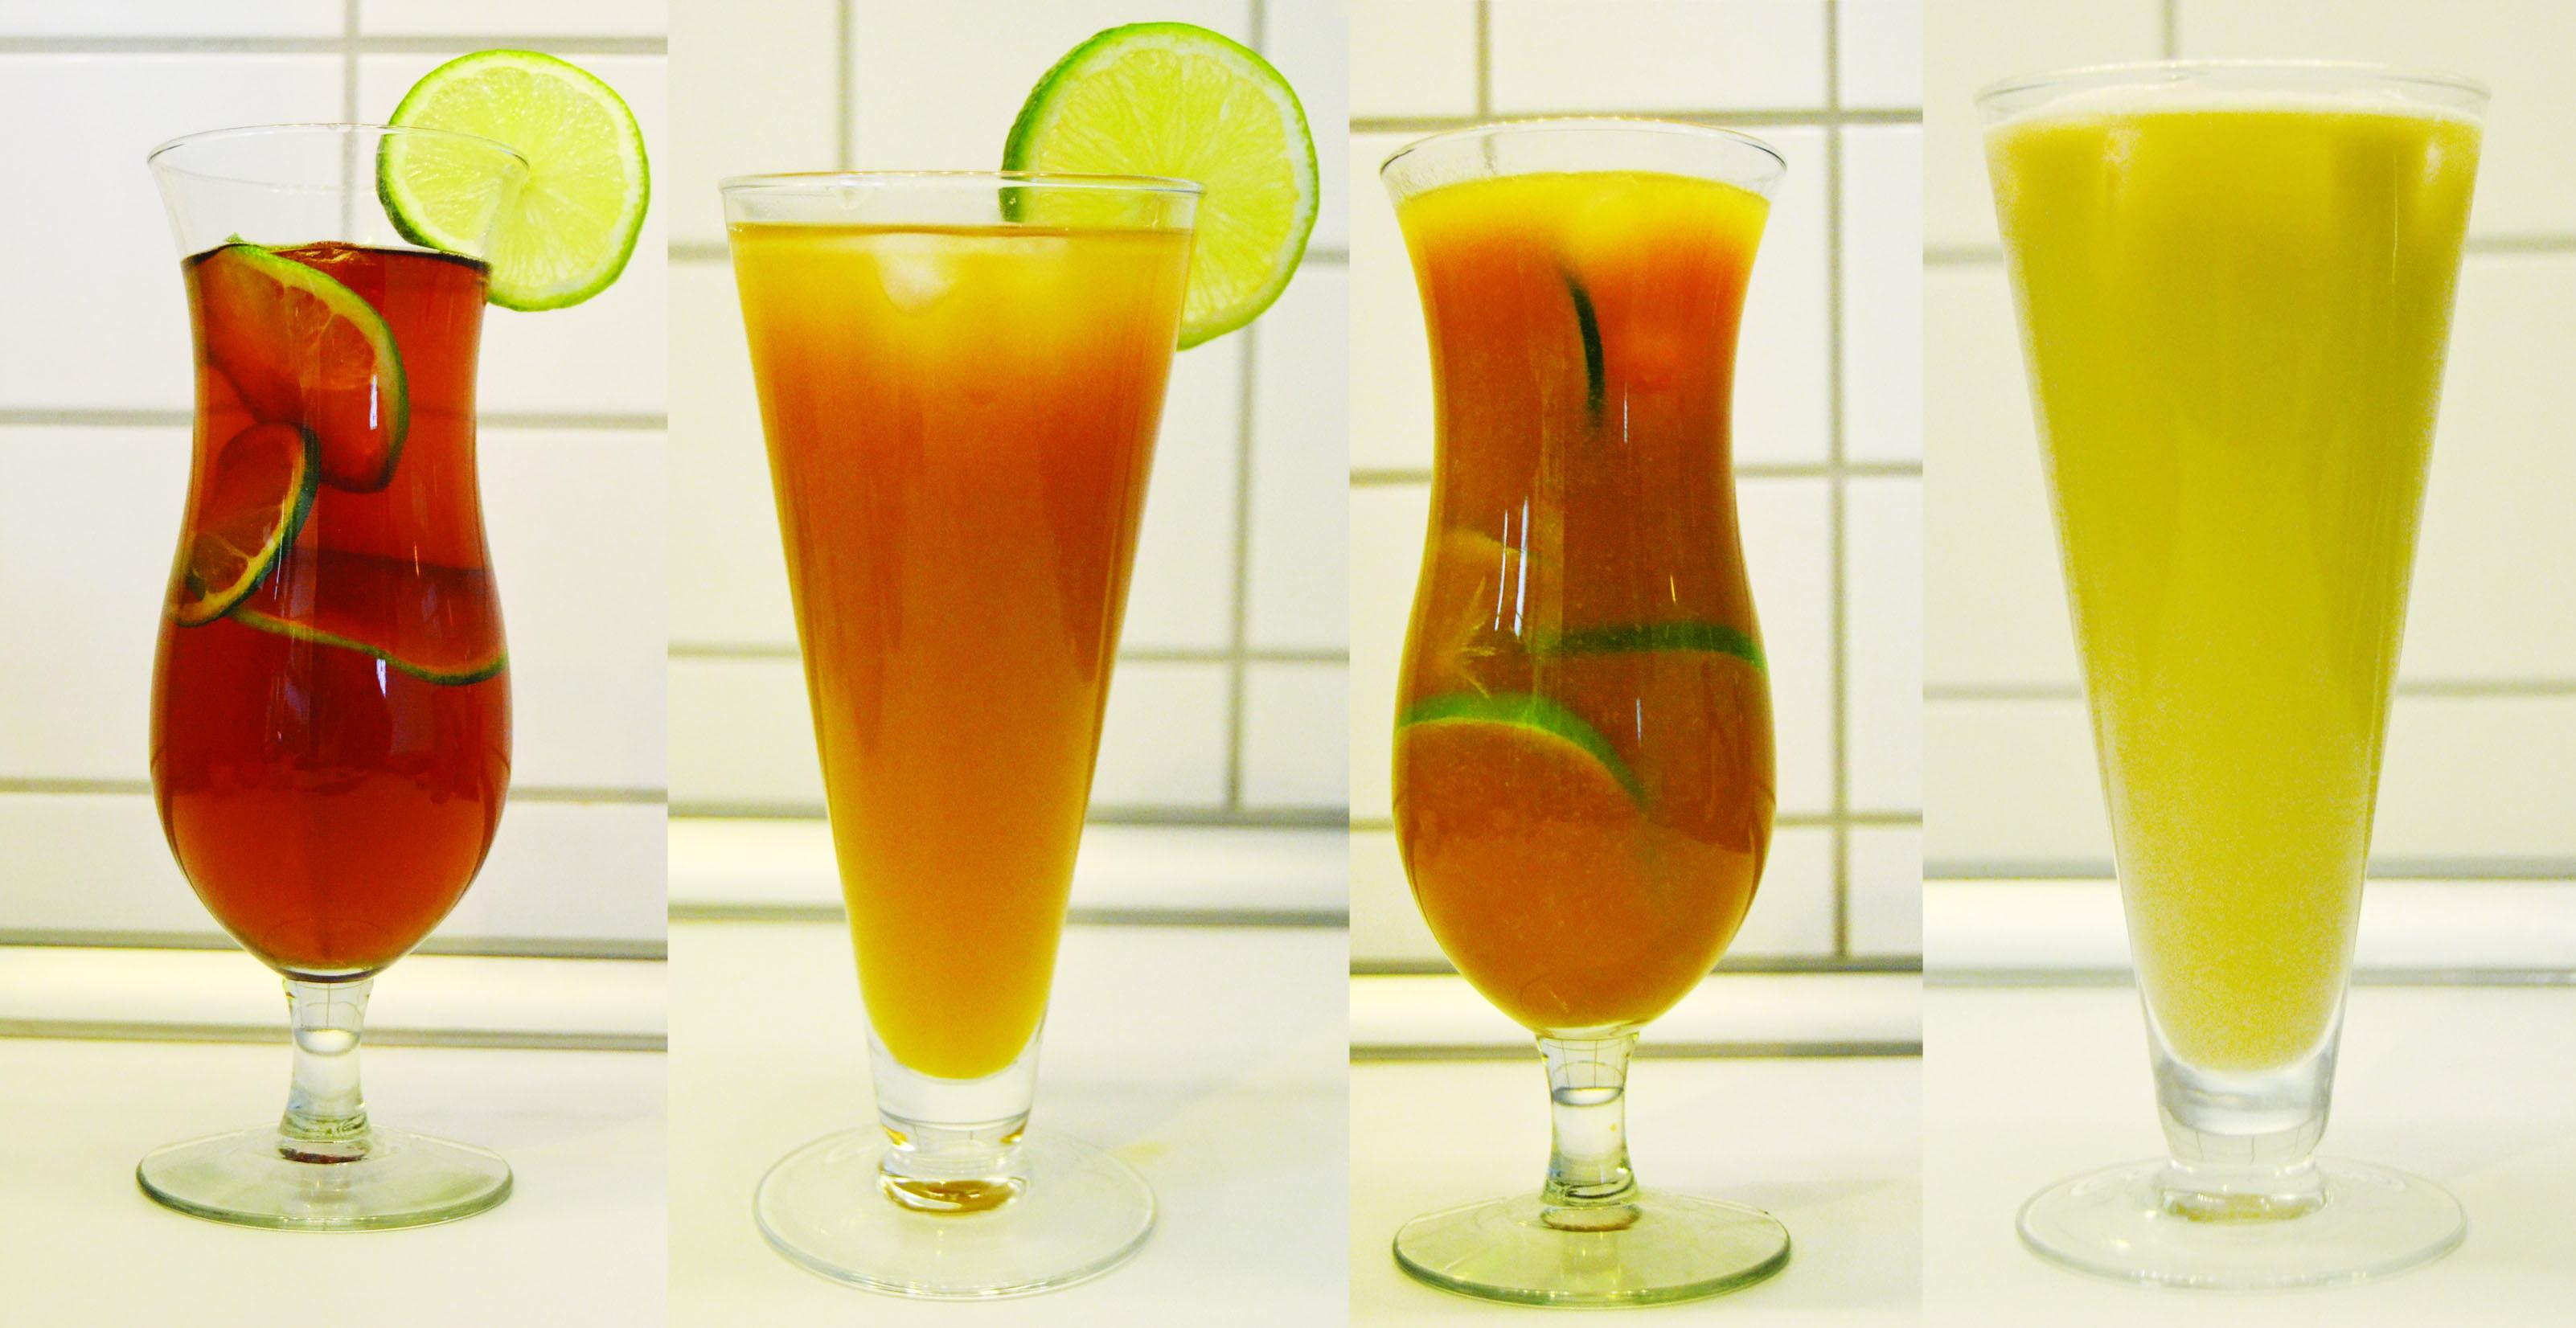 Chá gelado com chá mate (4 receitas)